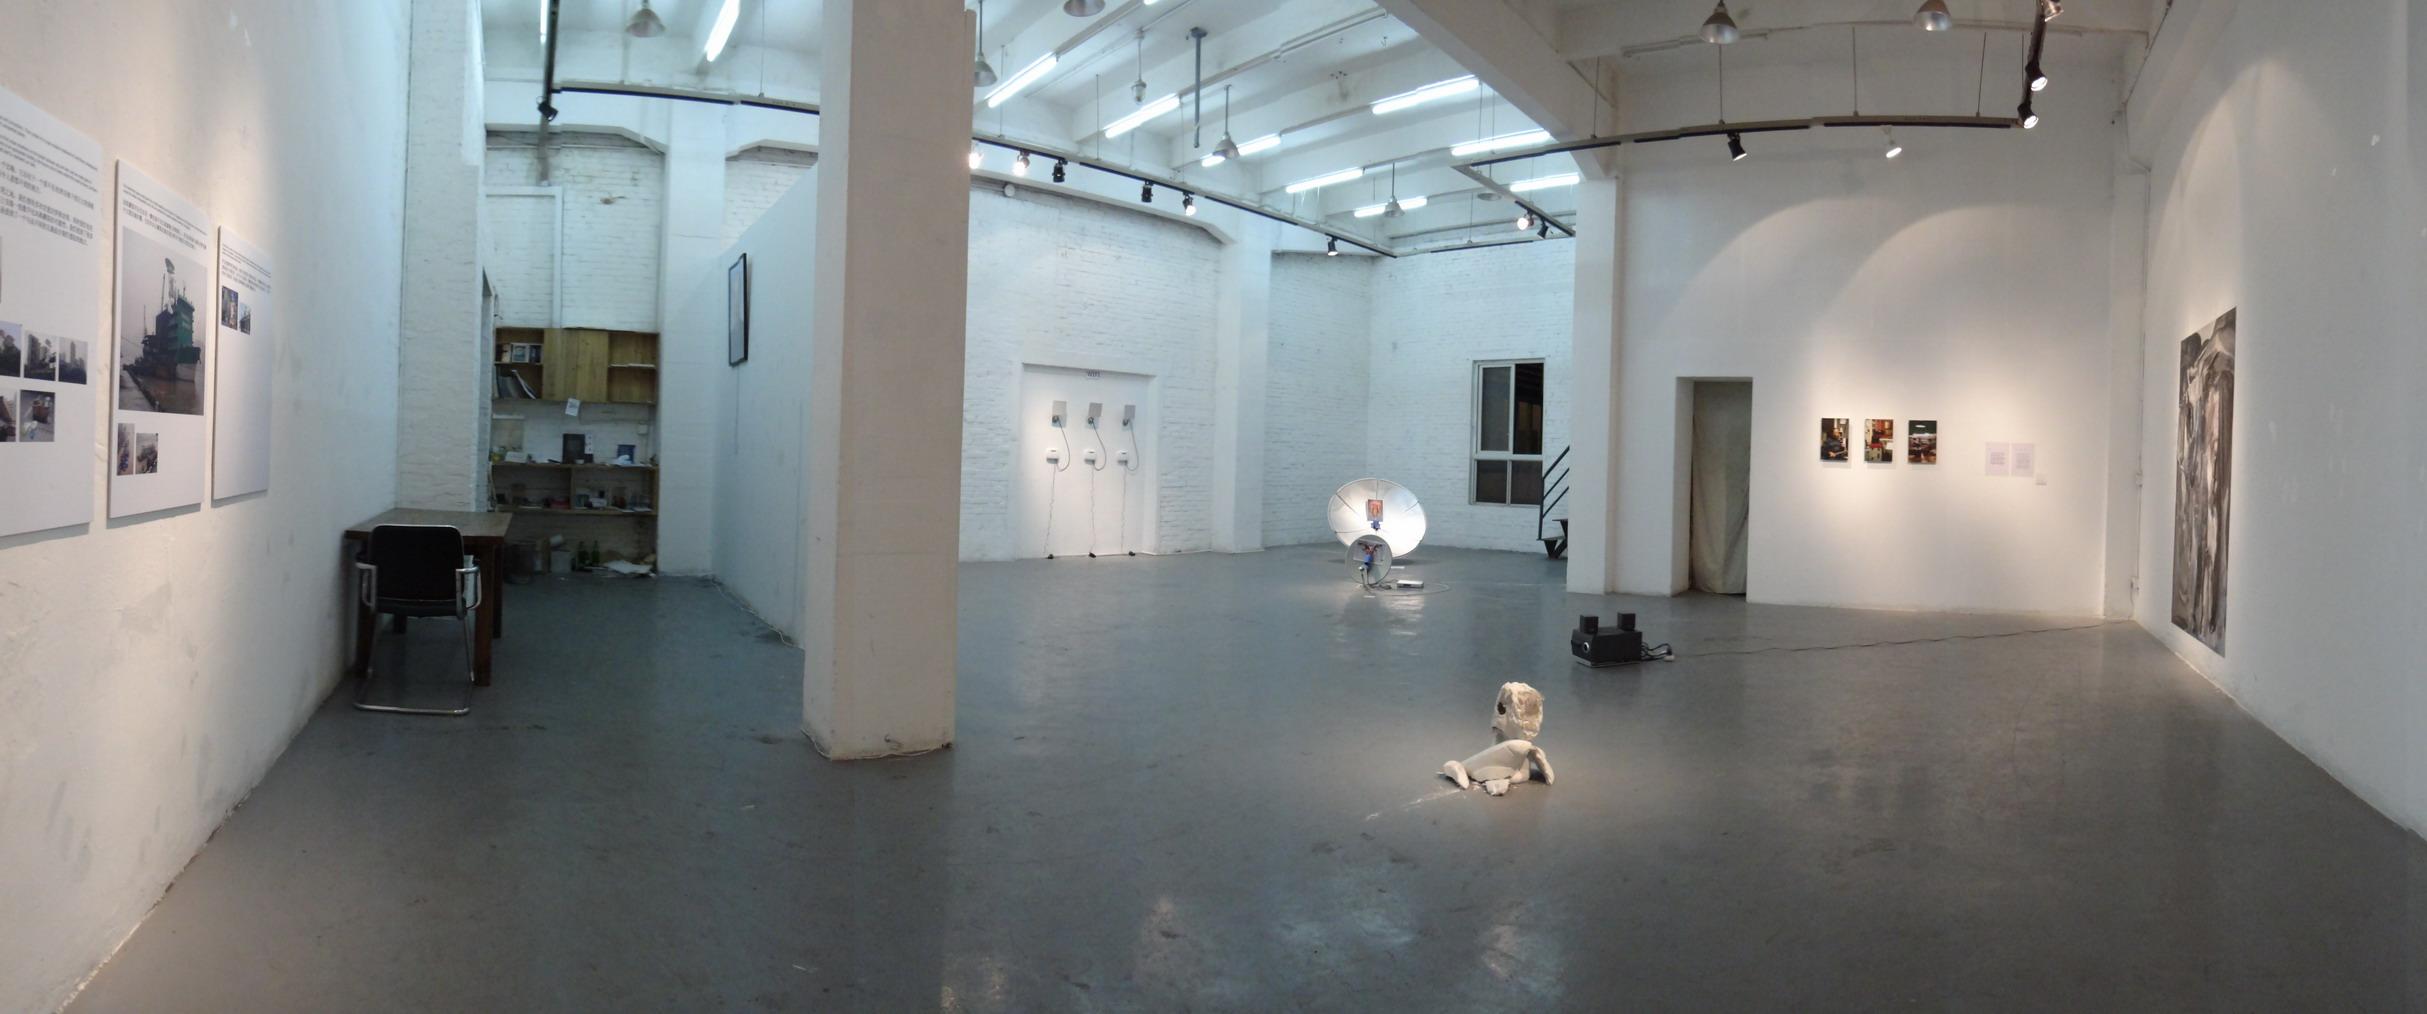 器·Haus空間展覽